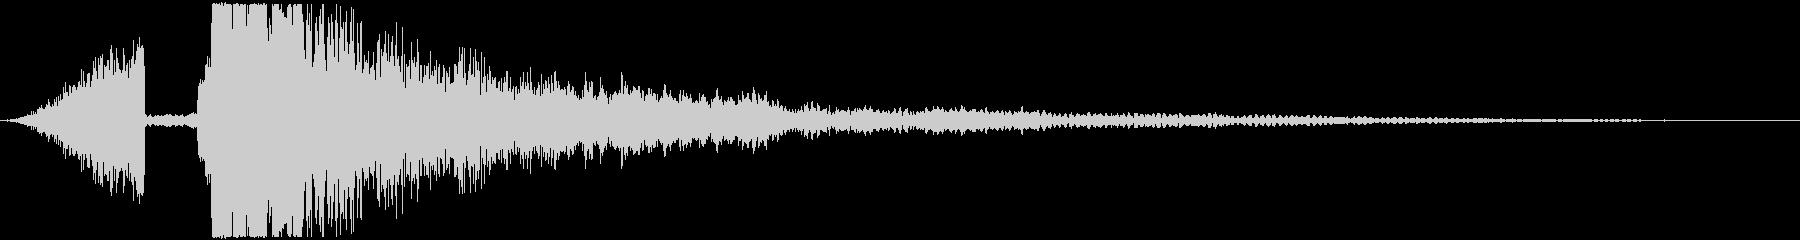 【映画】 シネマティックスマッシュヒットの未再生の波形